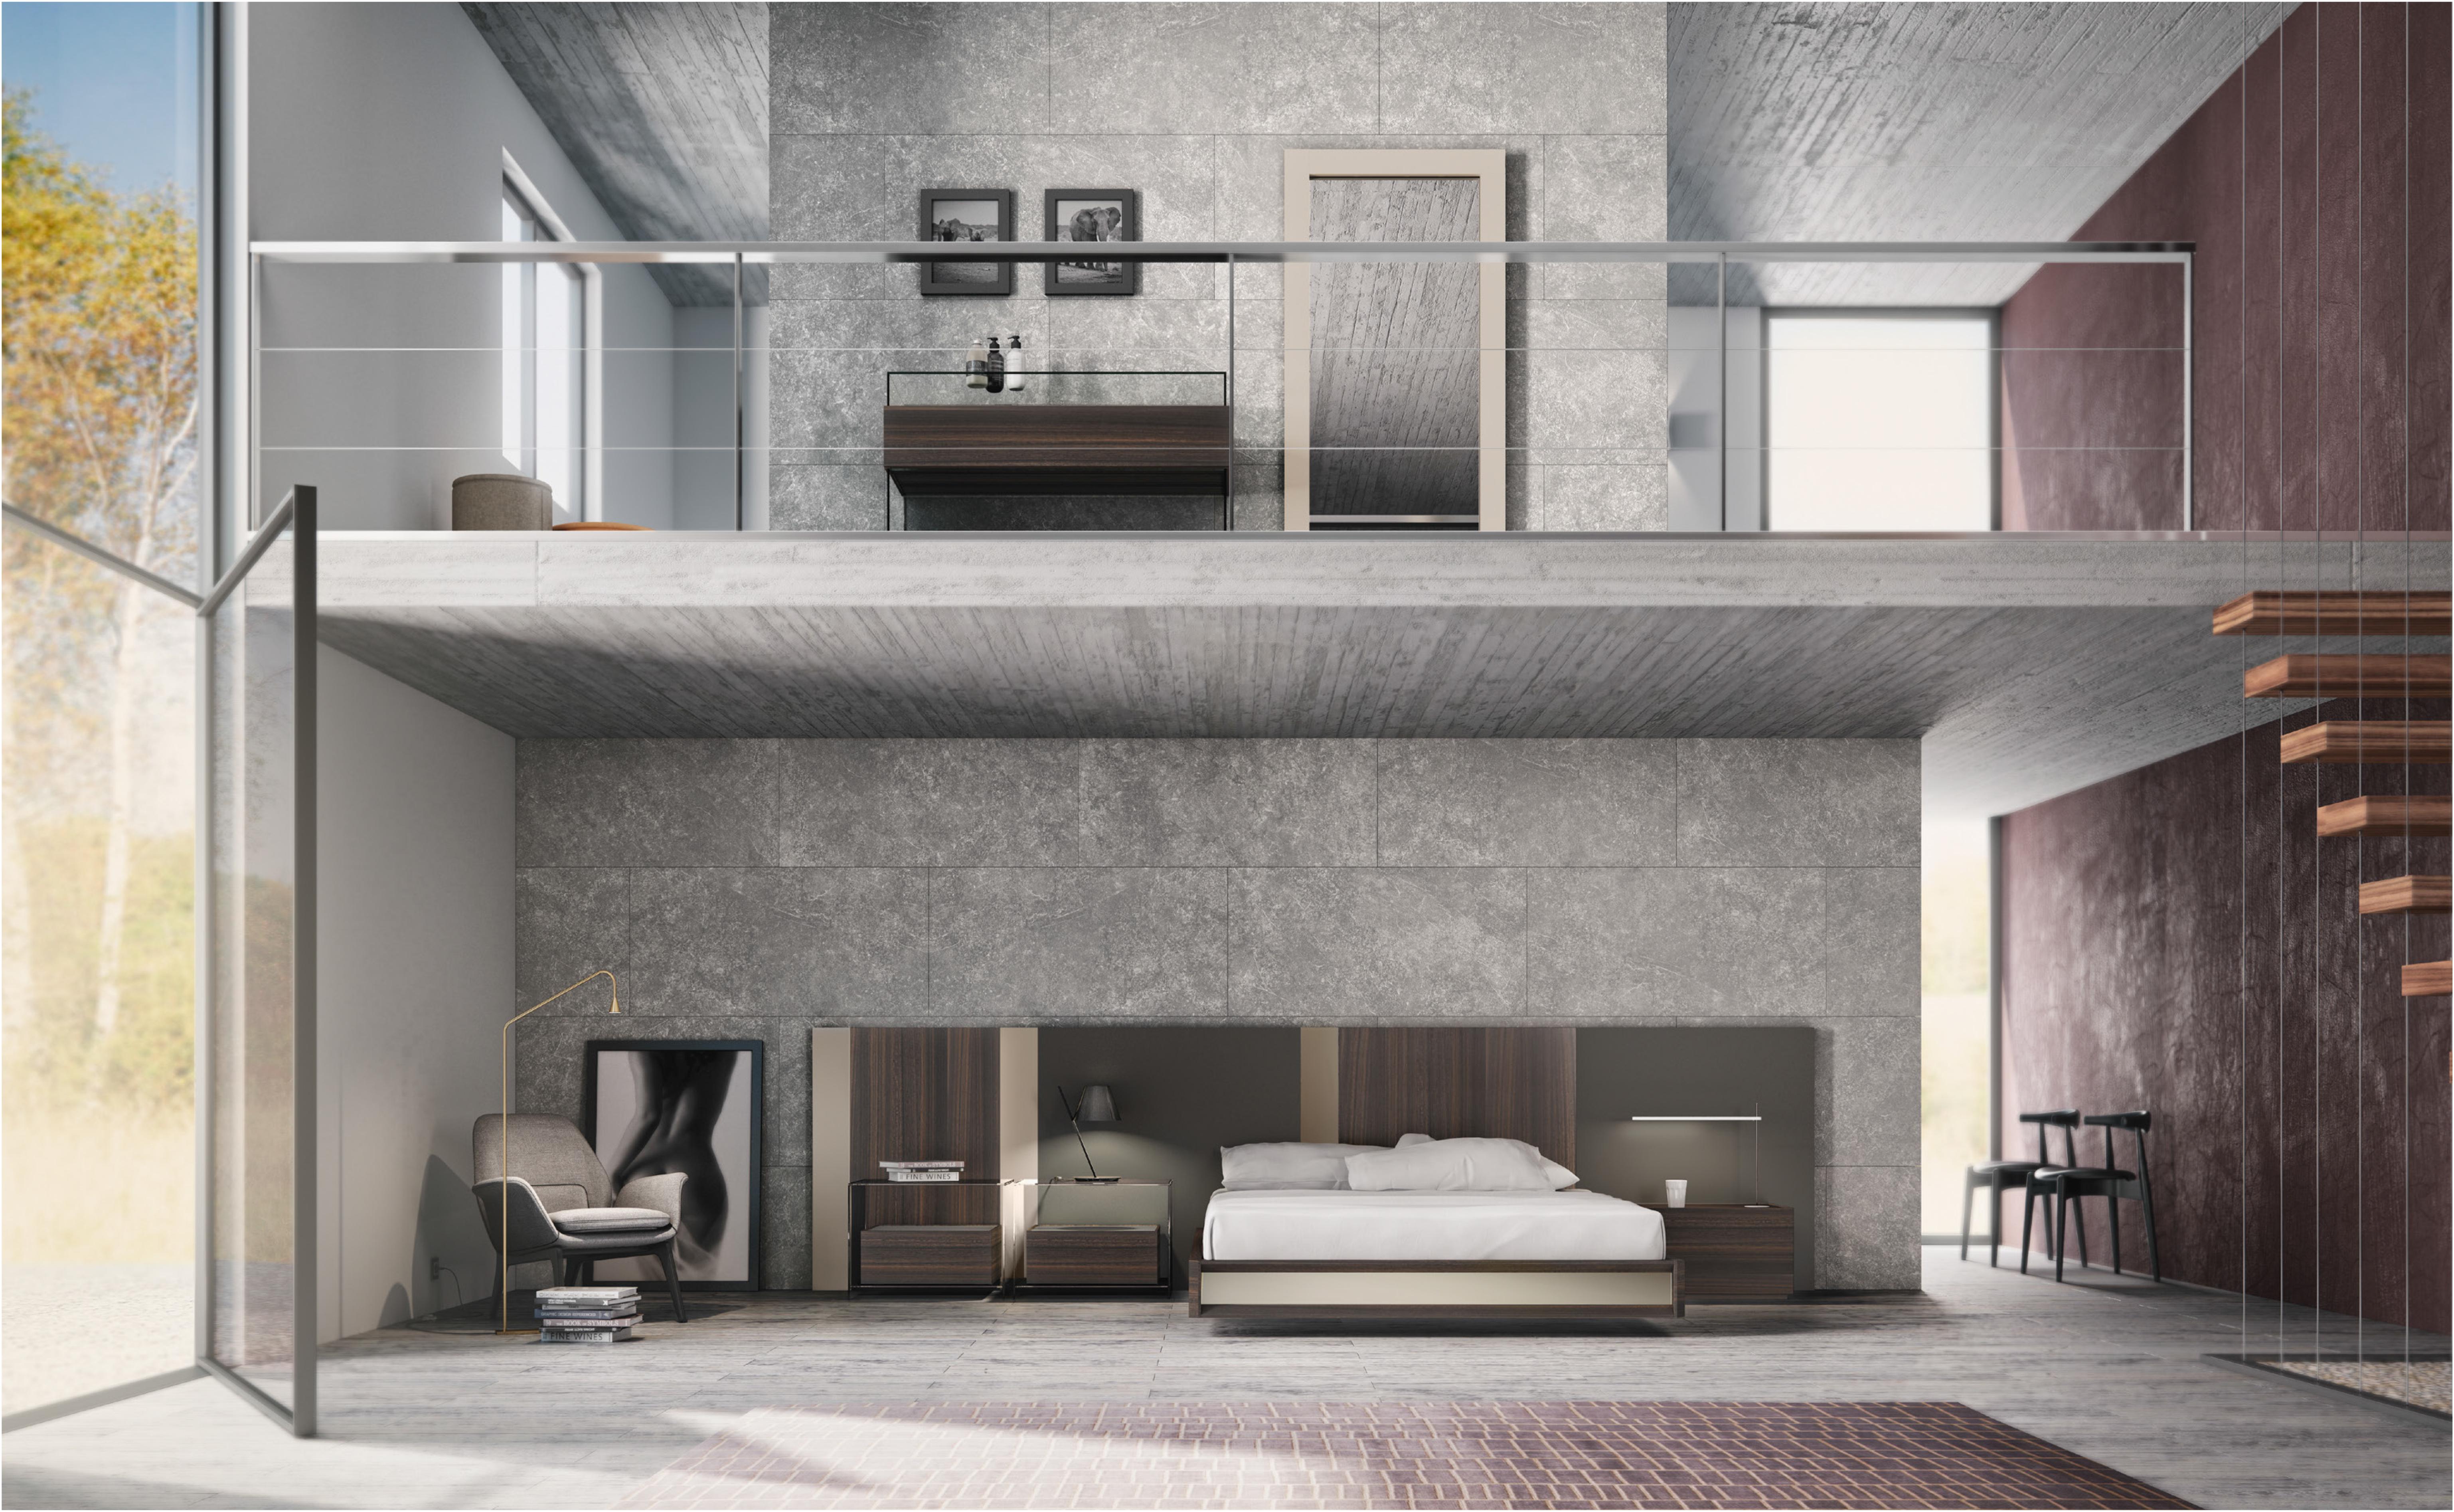 Nueva colecci n dormitorios 2016 tendencias dise o interiores - David moreno interiores ...